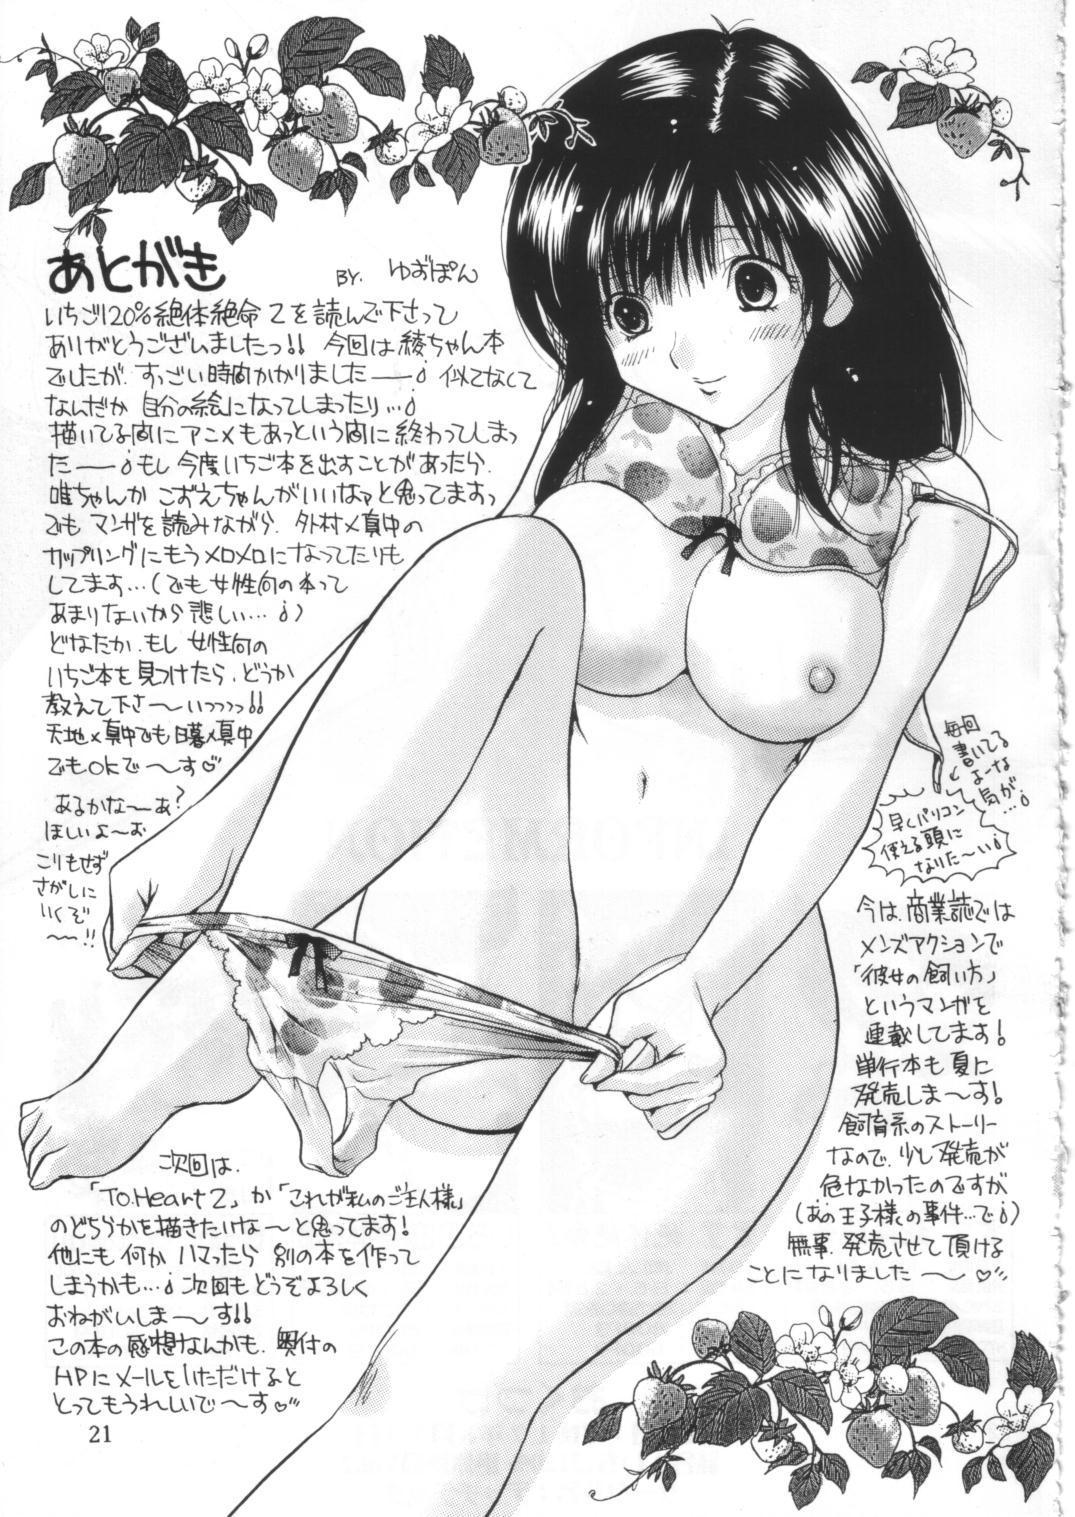 Ichigo 120% Zettai Zetsumei Vol. 2 19